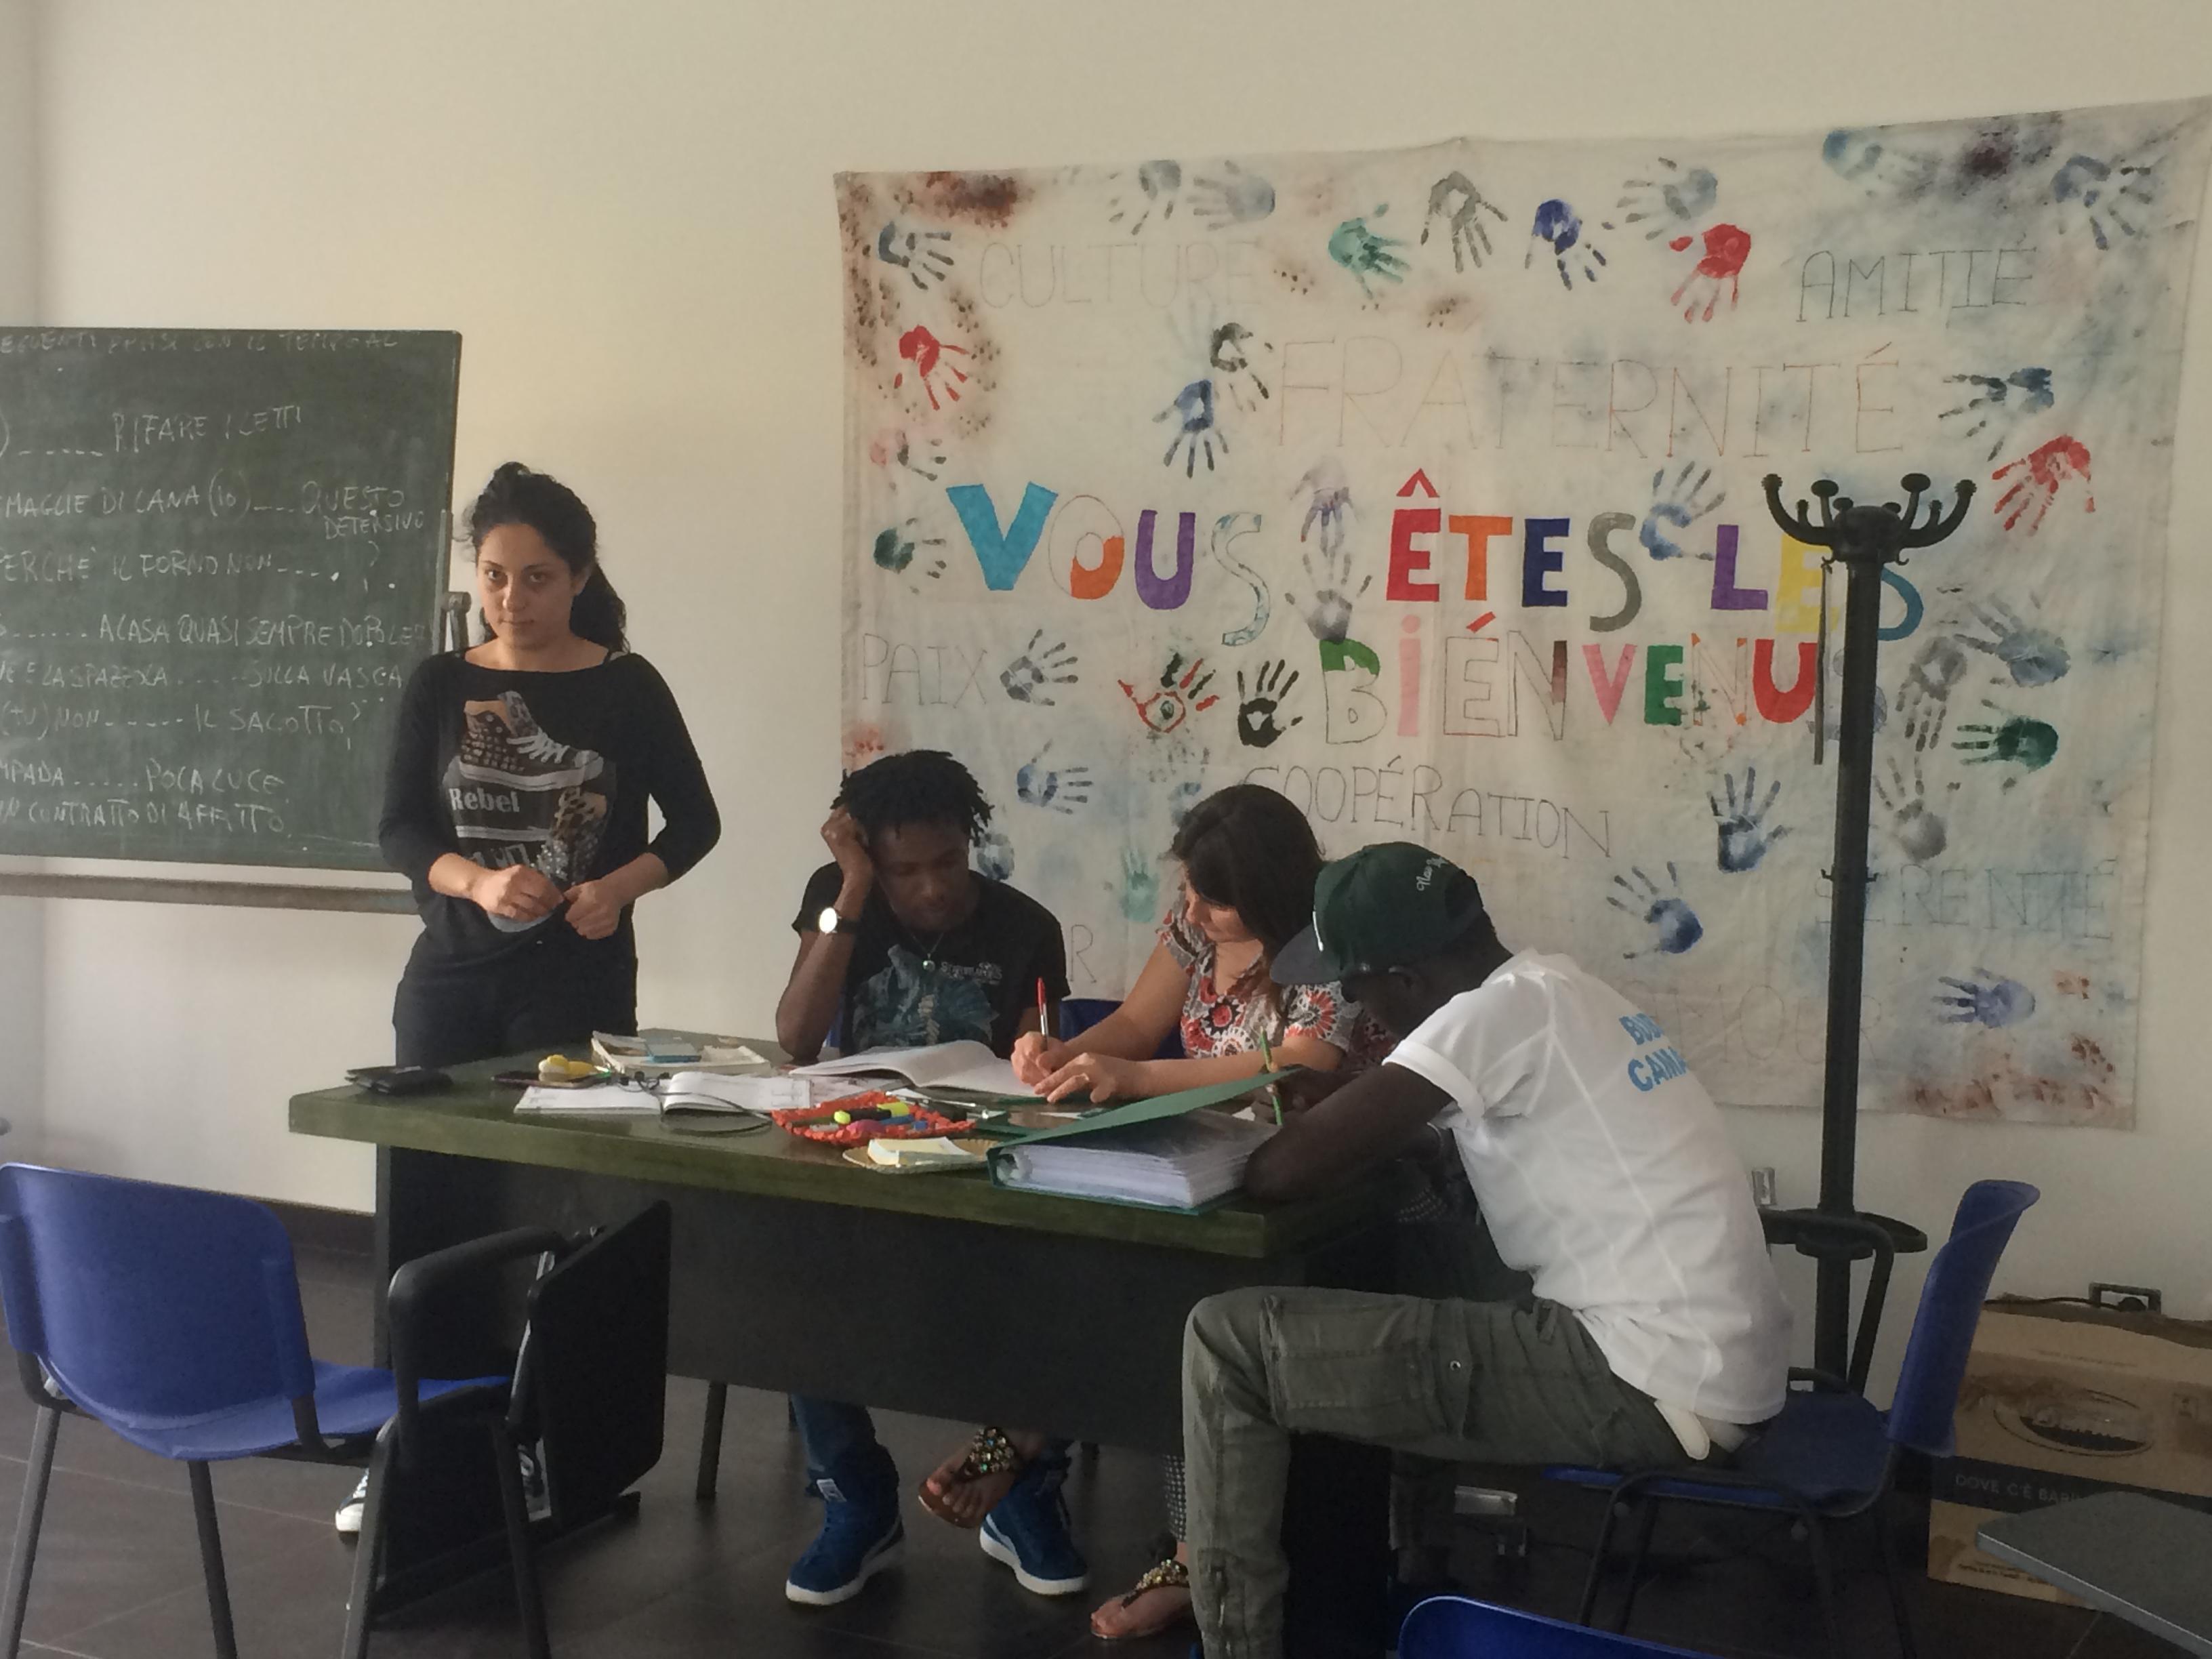 Flyktninger undervises i engelsk i et klasserom i Italia